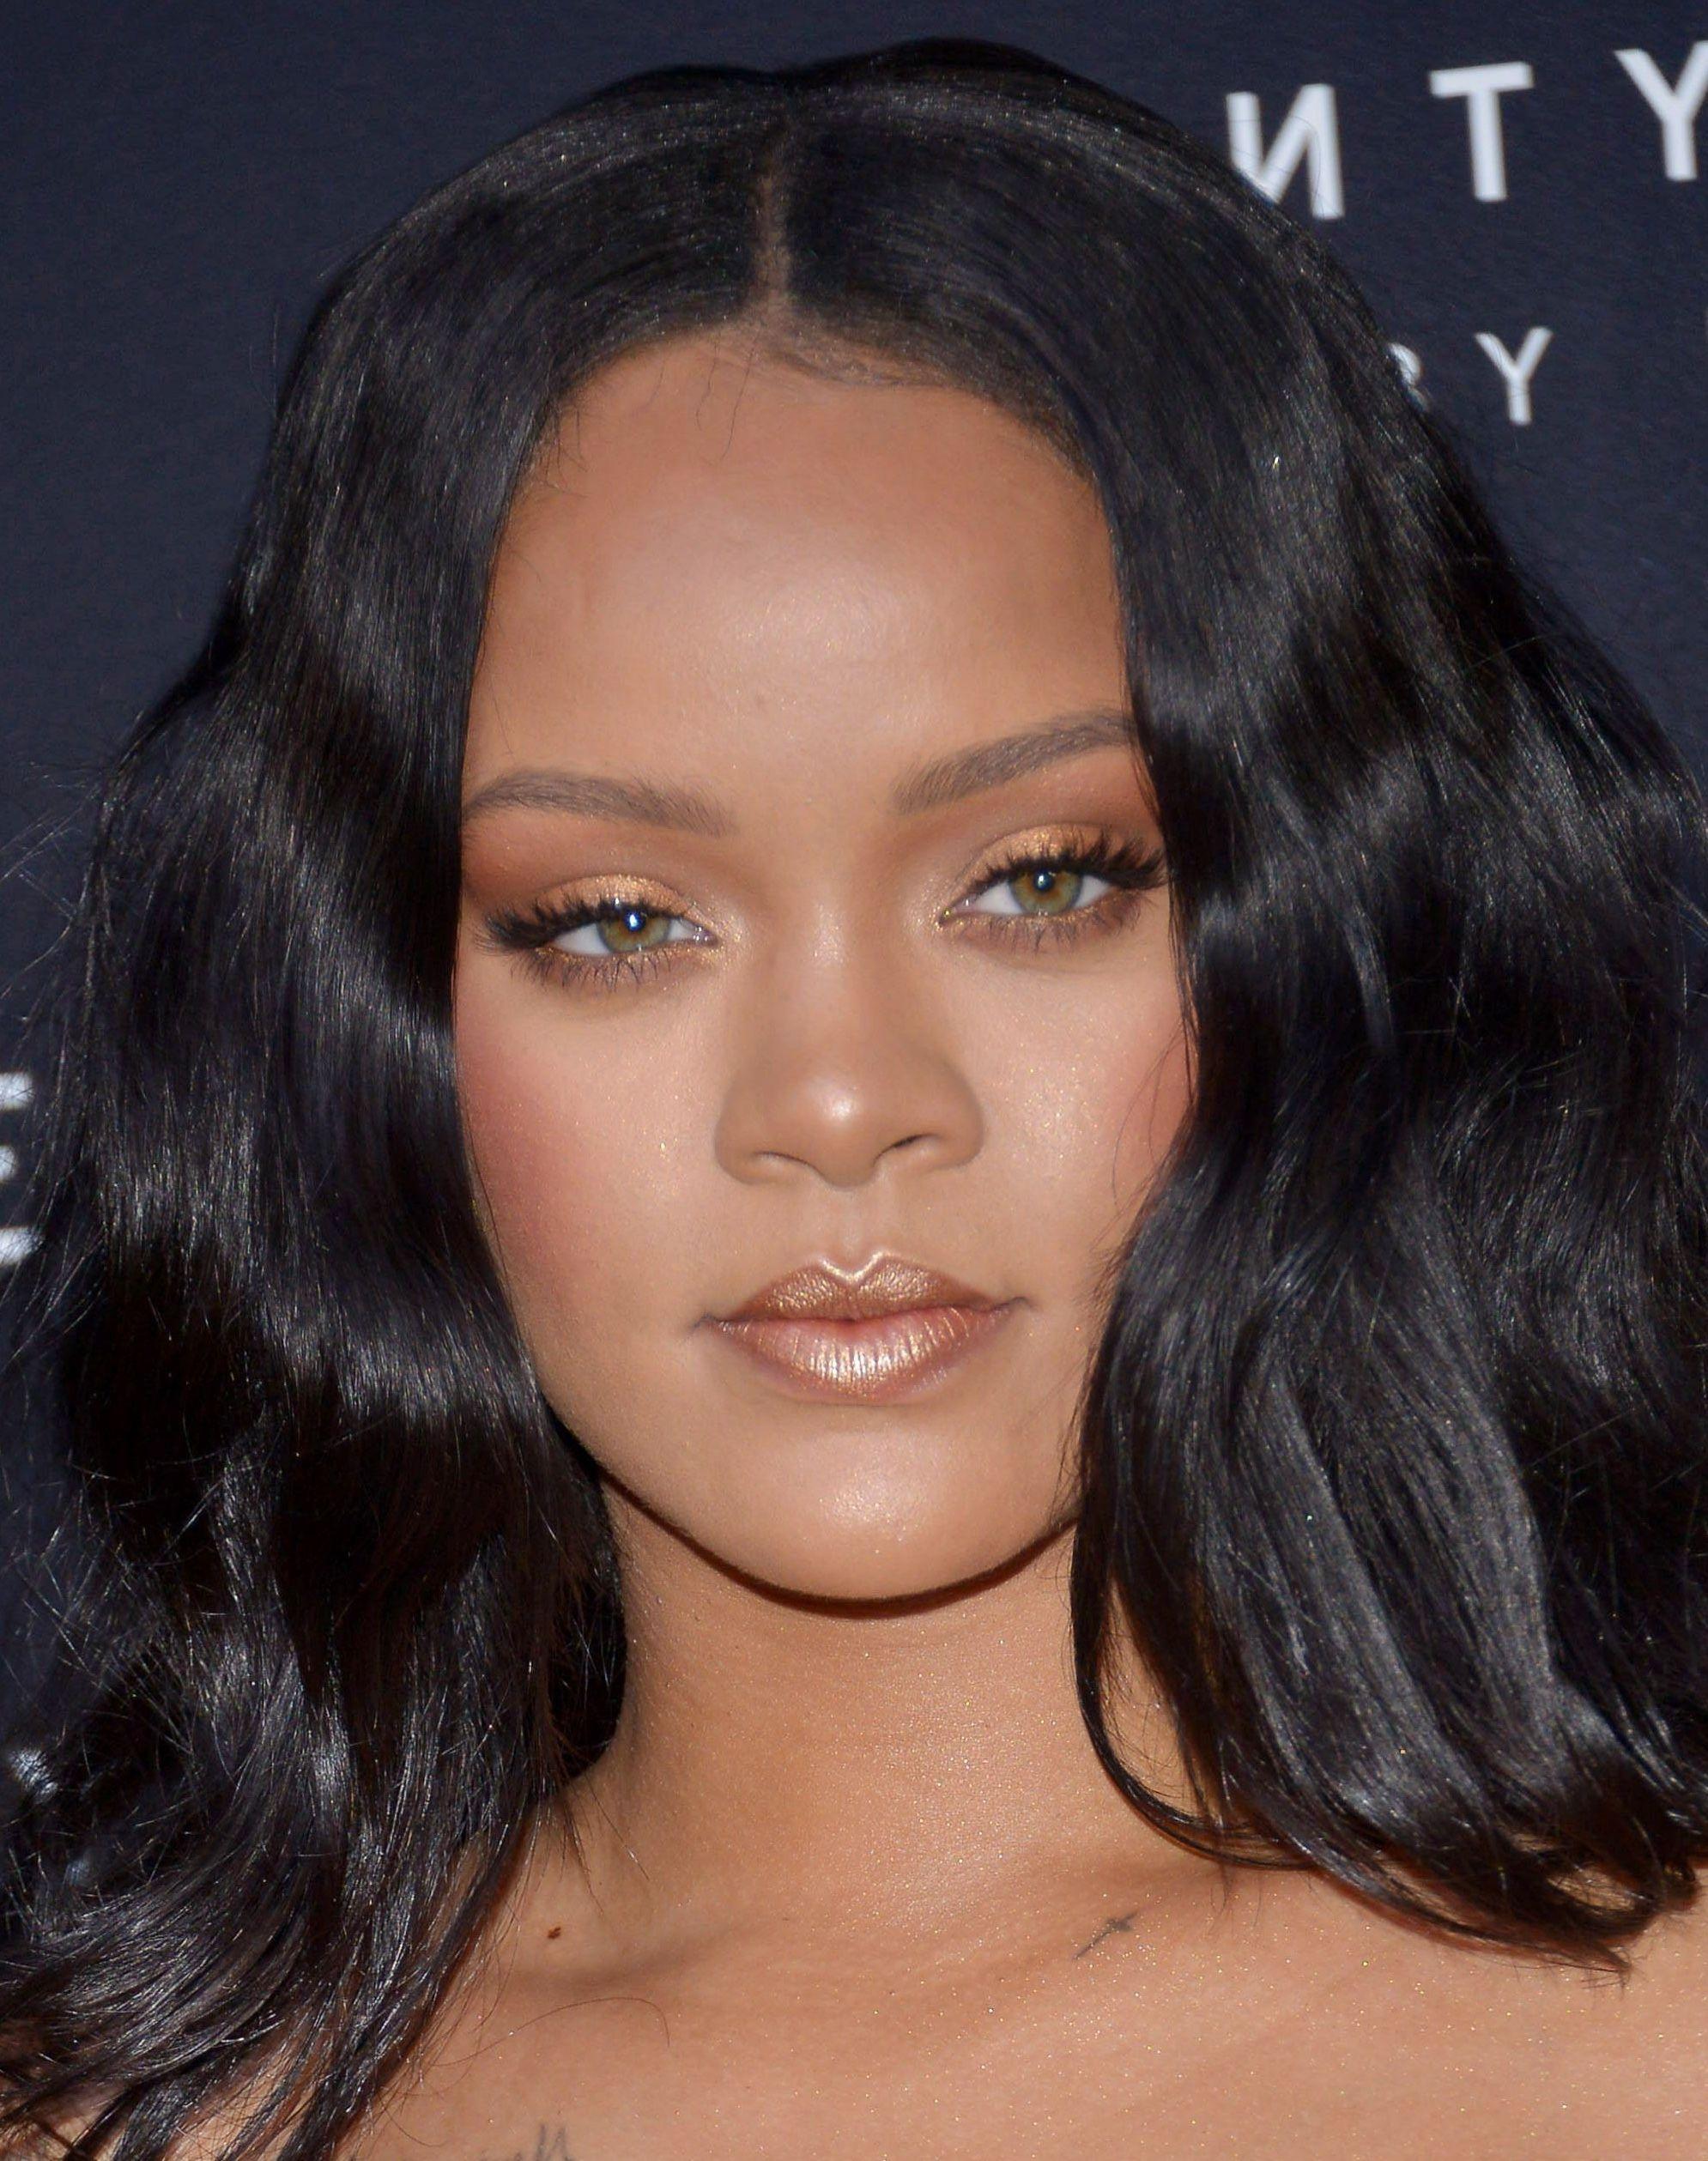 Rihanna At The Fenty Beauty Launch In Italy Rihanna